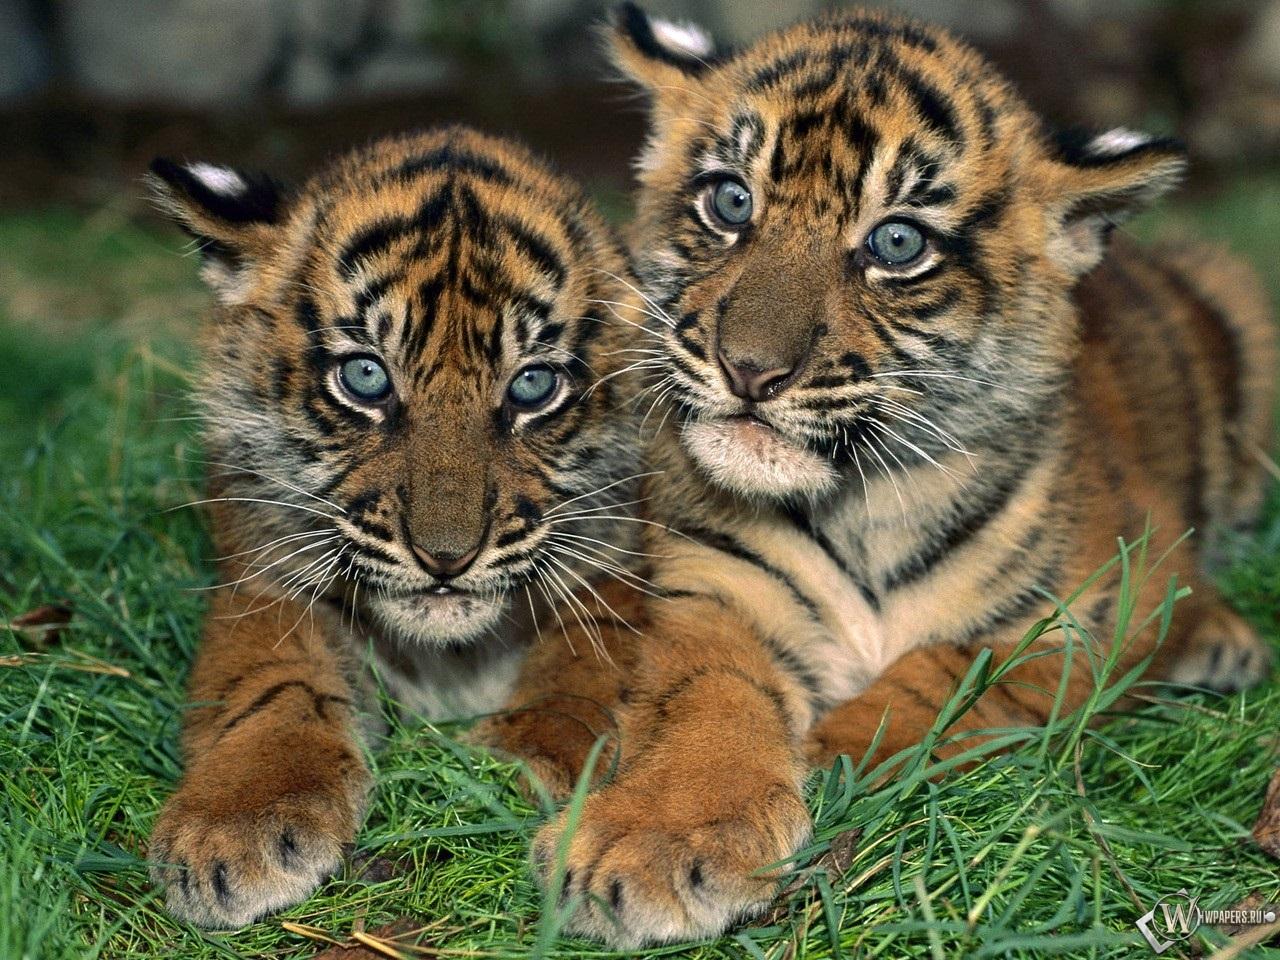 Тигрята на рабочий стол картинки (12)